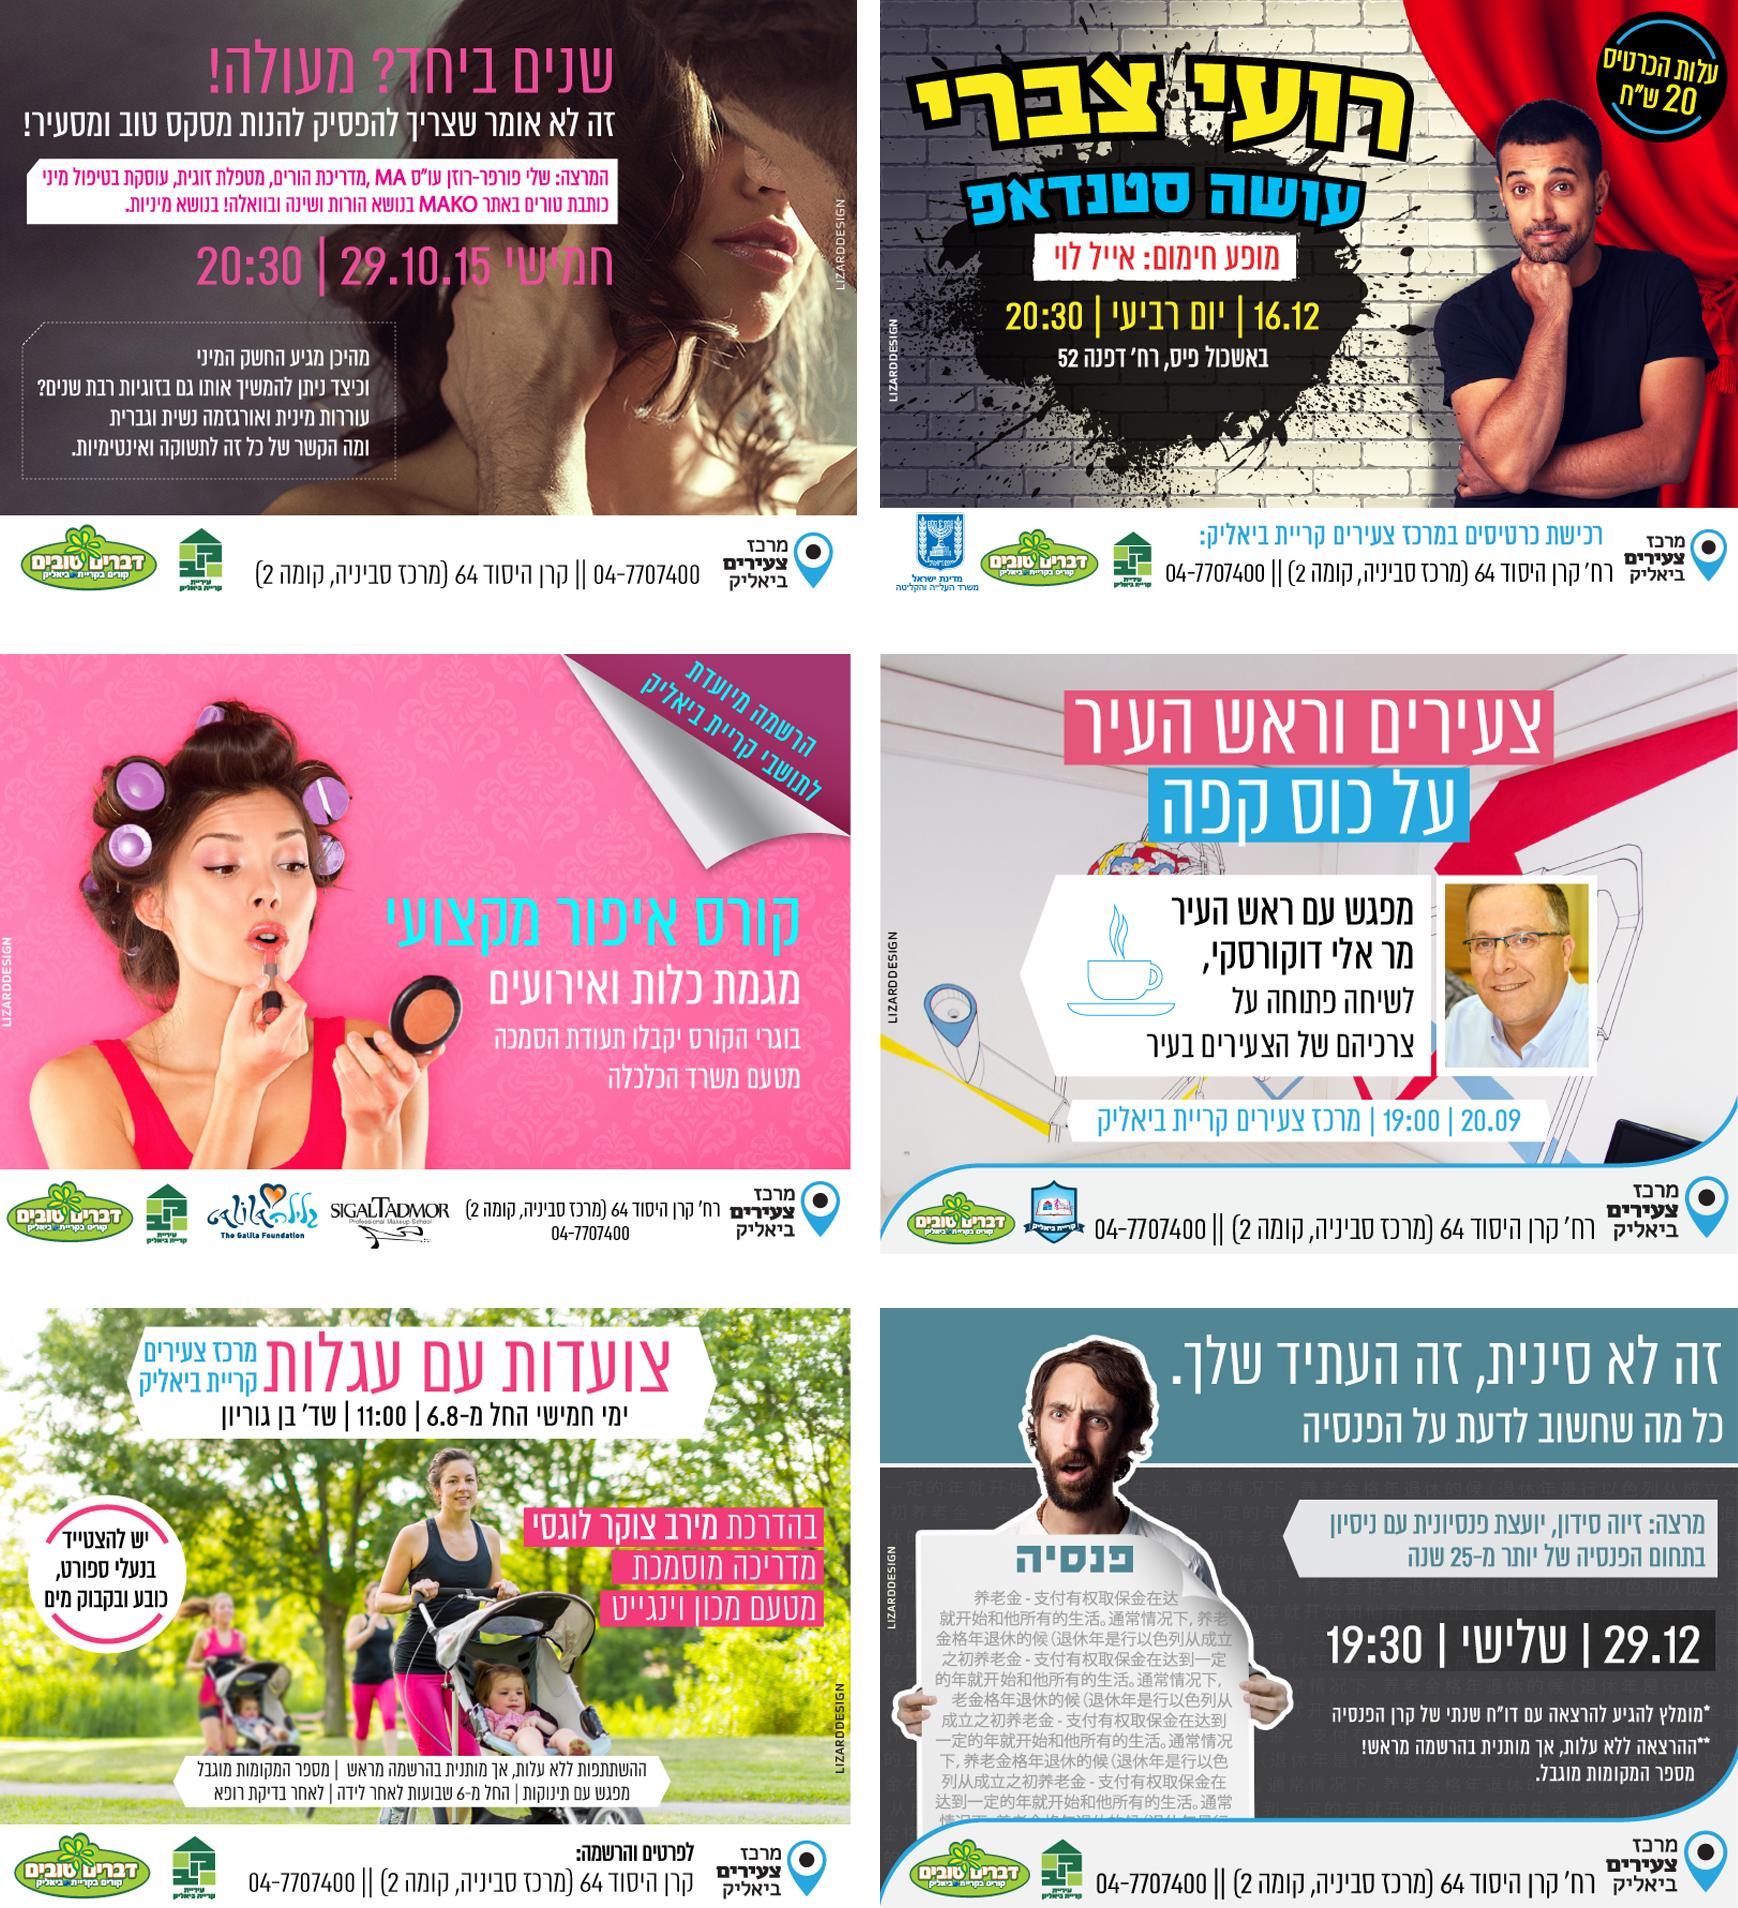 עיצוב פוסטים לפייסבוק עבור אירועים במרכז צעירים קריית ביאליק